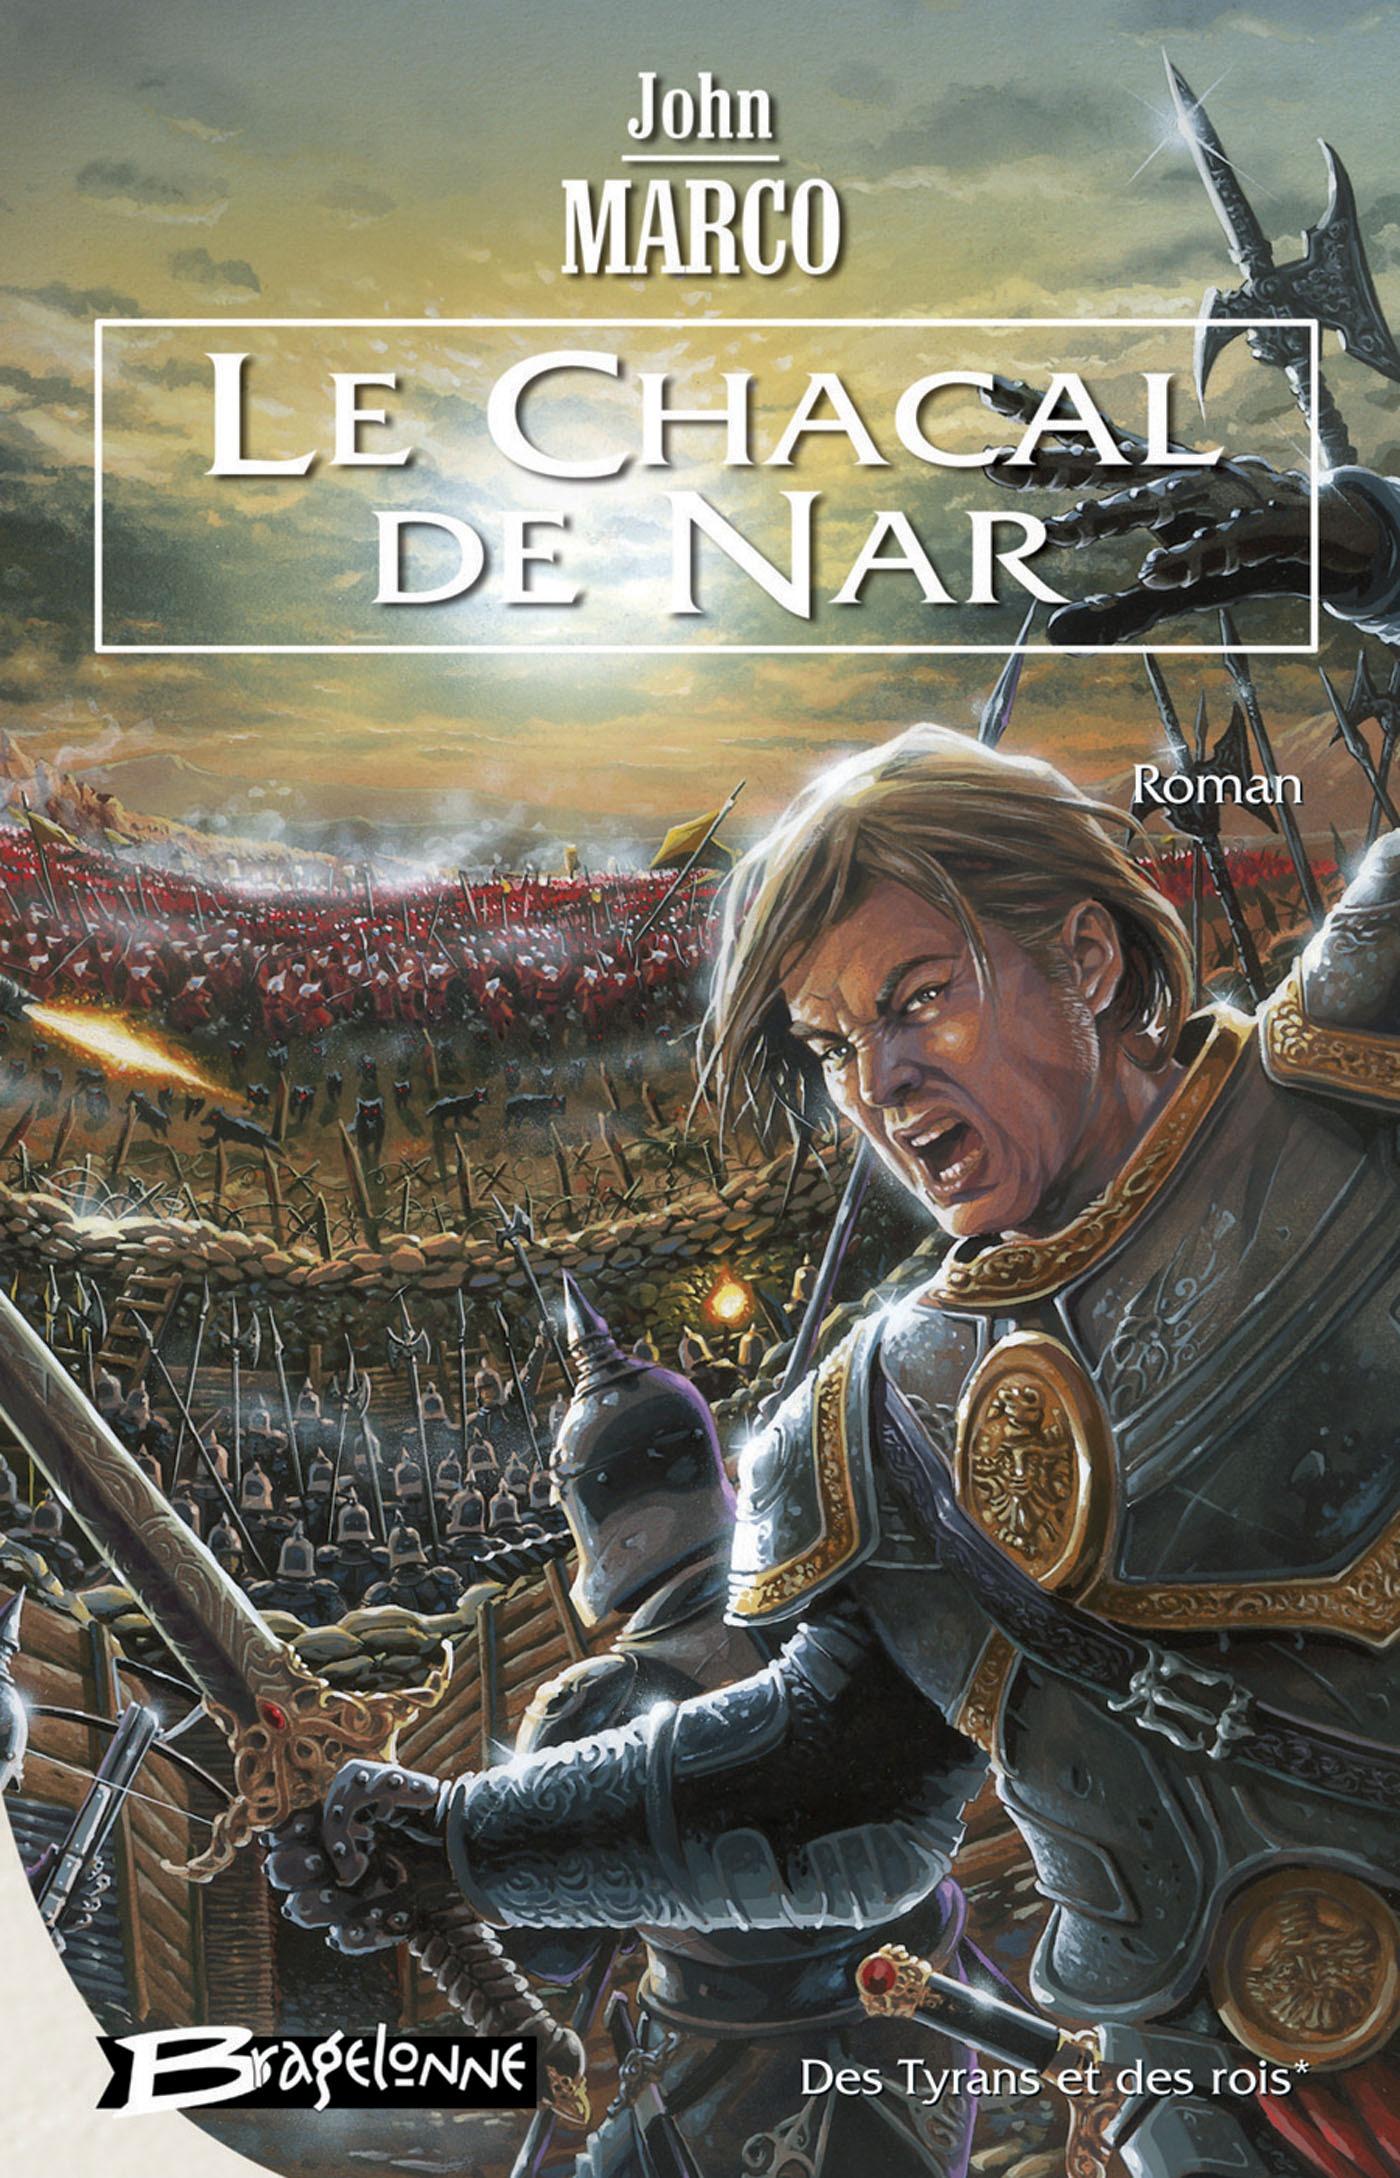 Le Chacal de Nar, DES TYRANS ET DES ROIS, T1